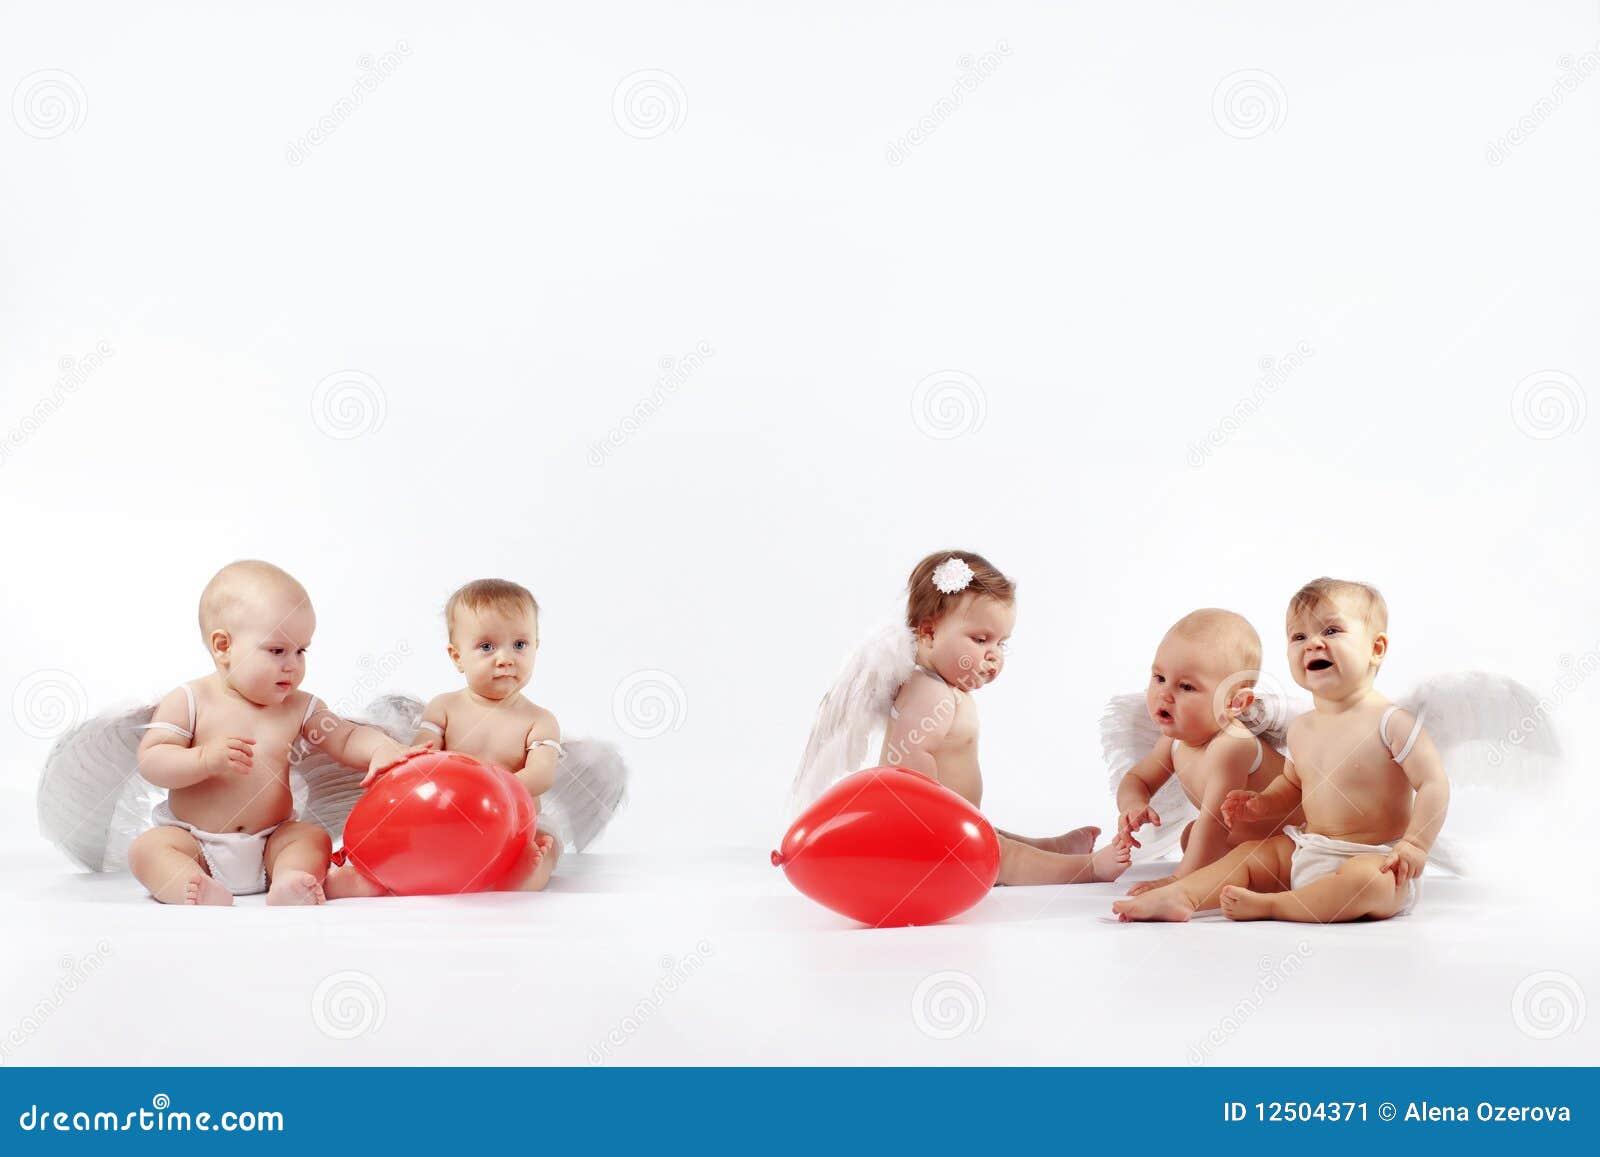 Anielscy dzieci